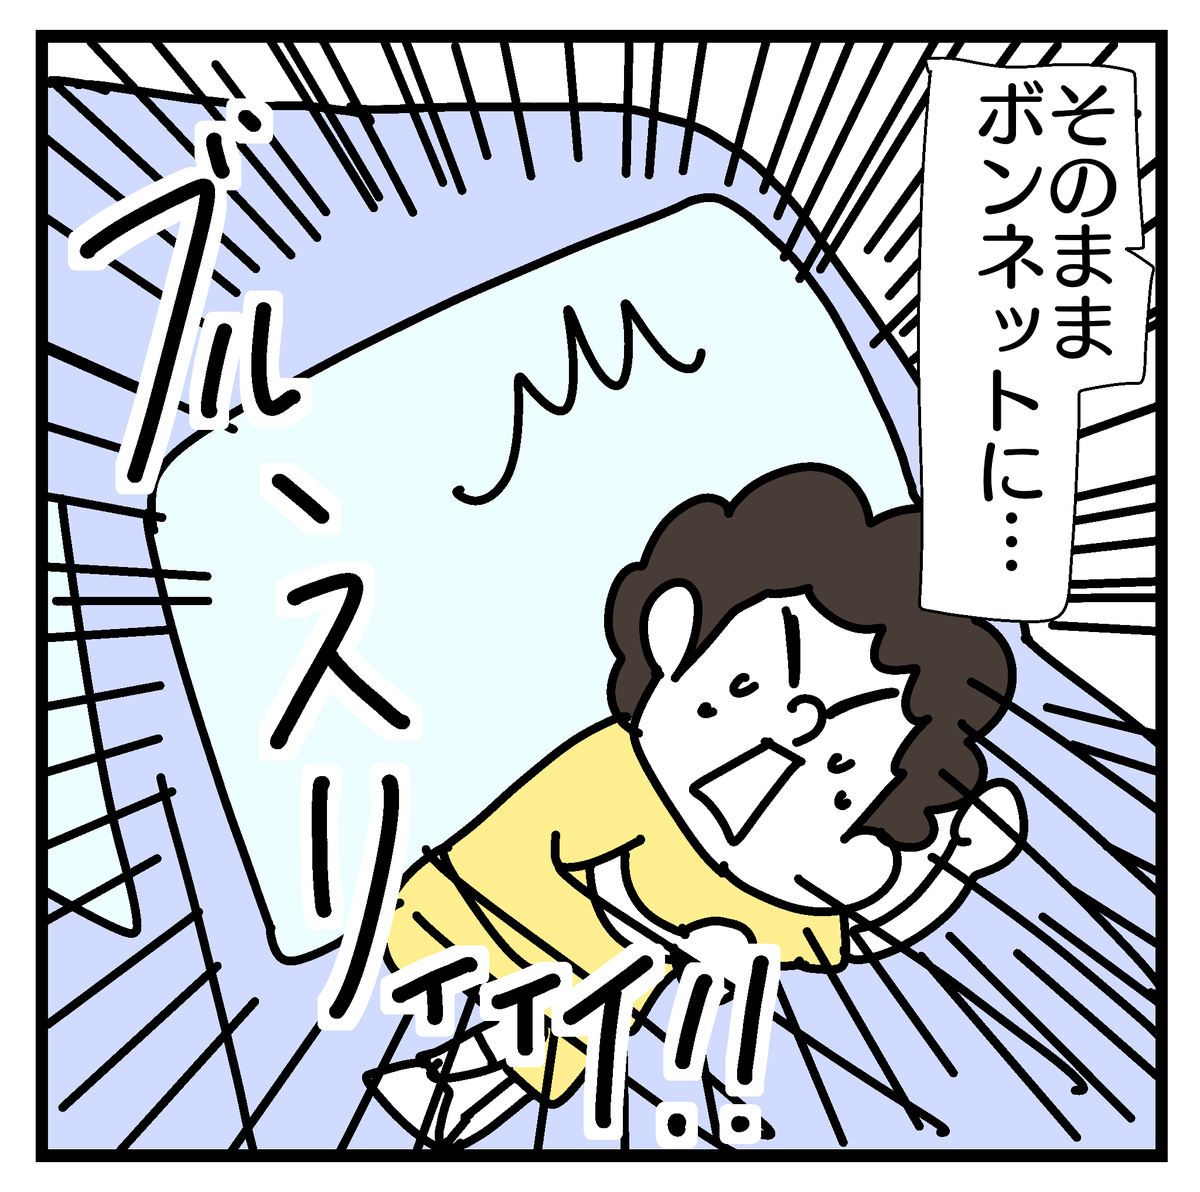 f:id:YuruFuwaTa:20200702160807p:plain